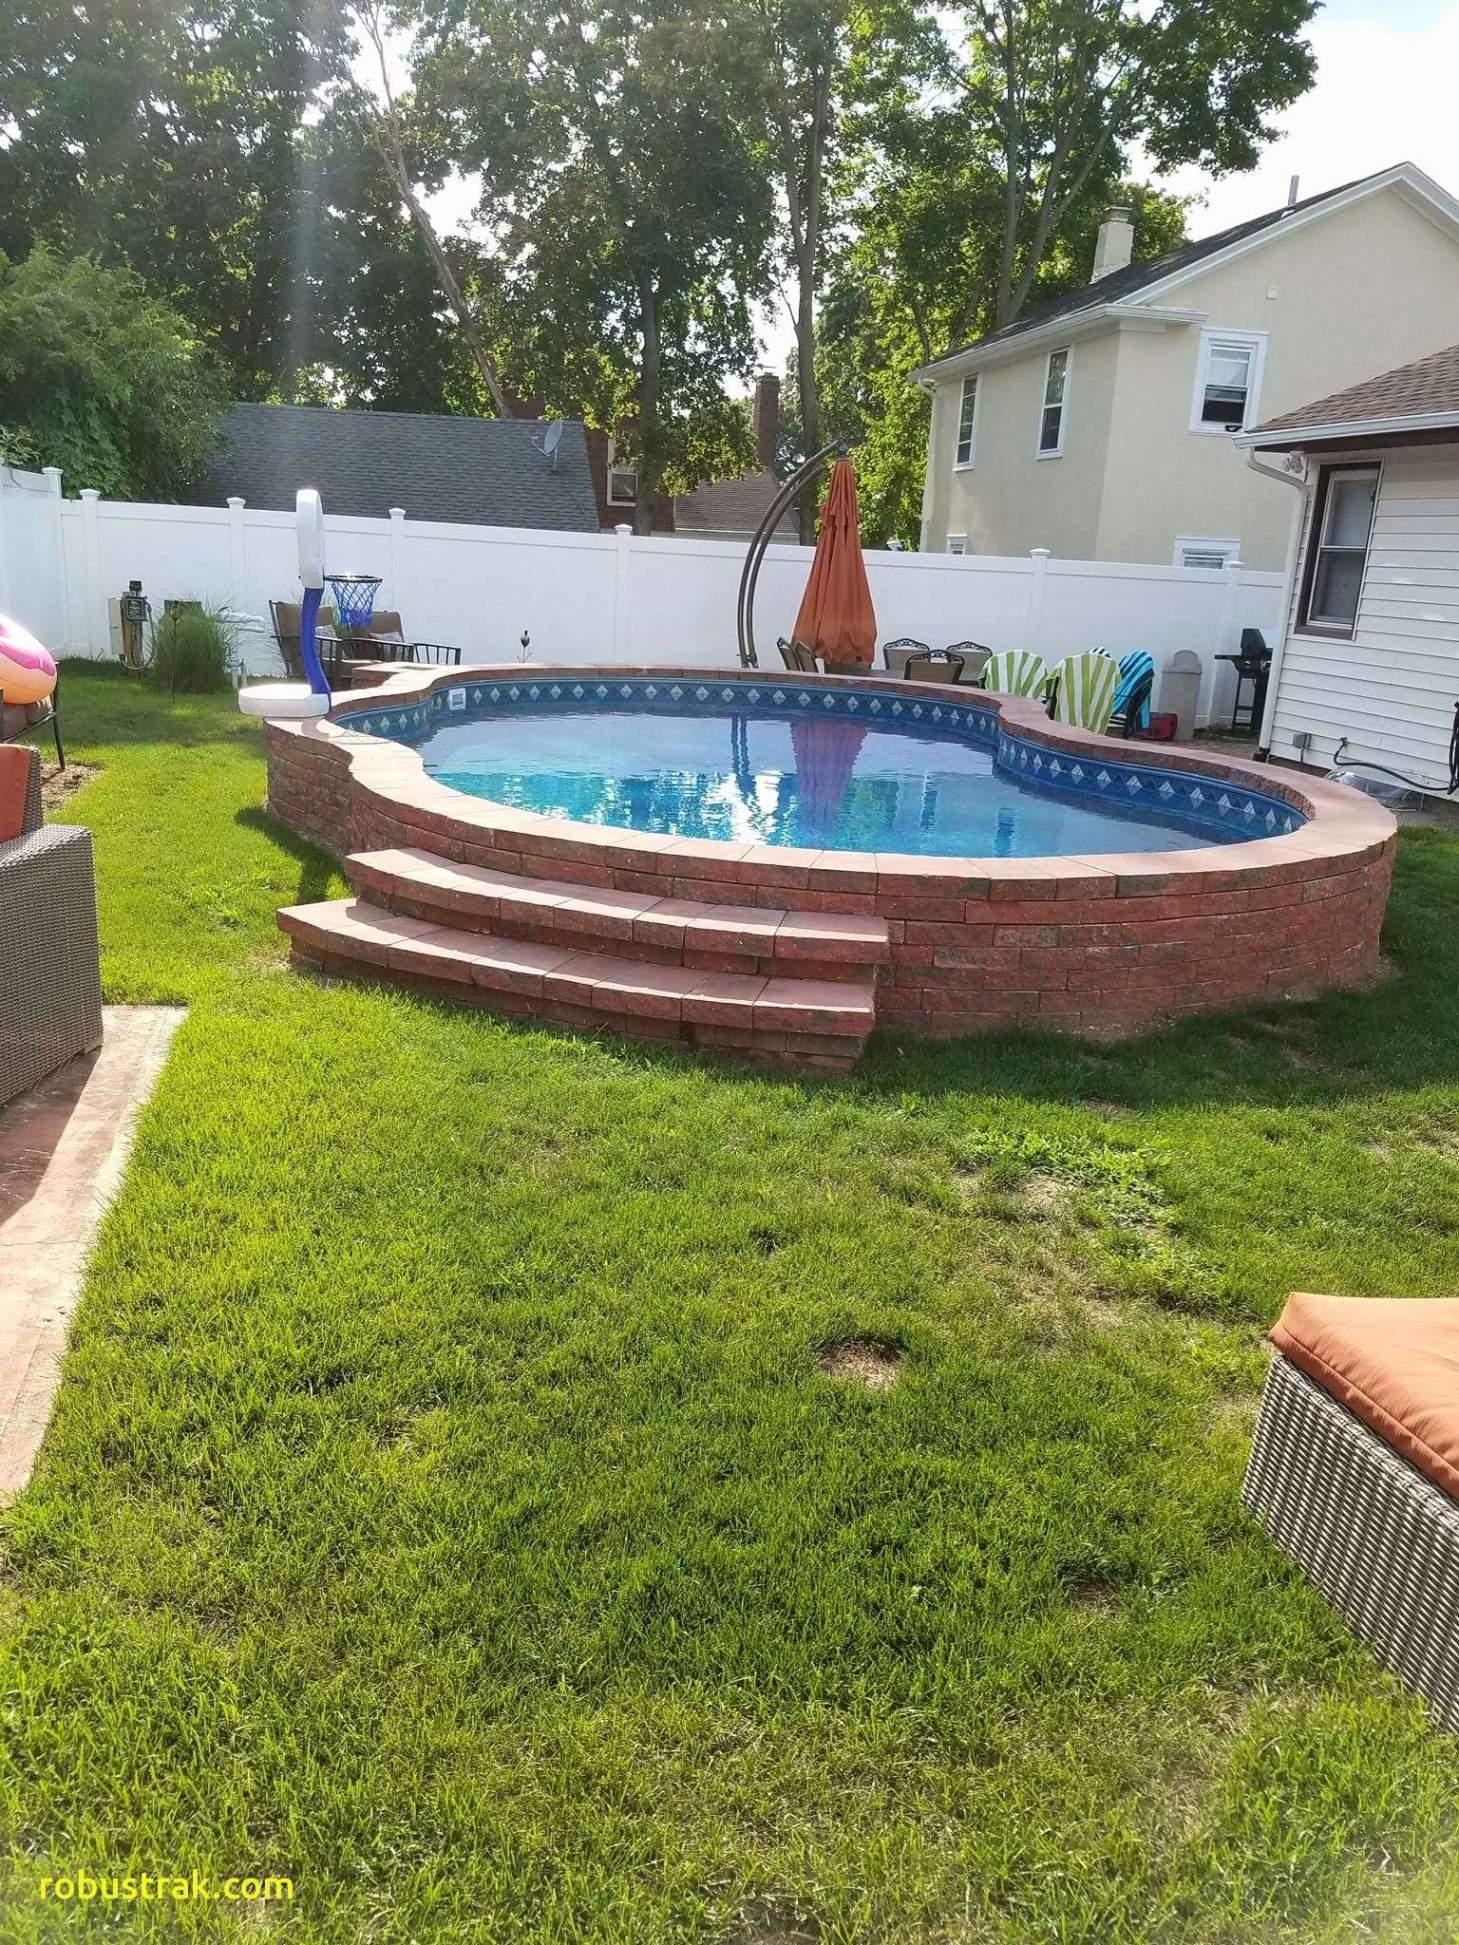 pool im wohnzimmer einzigartig pool kleiner garten temobardz home blog of pool im wohnzimmer